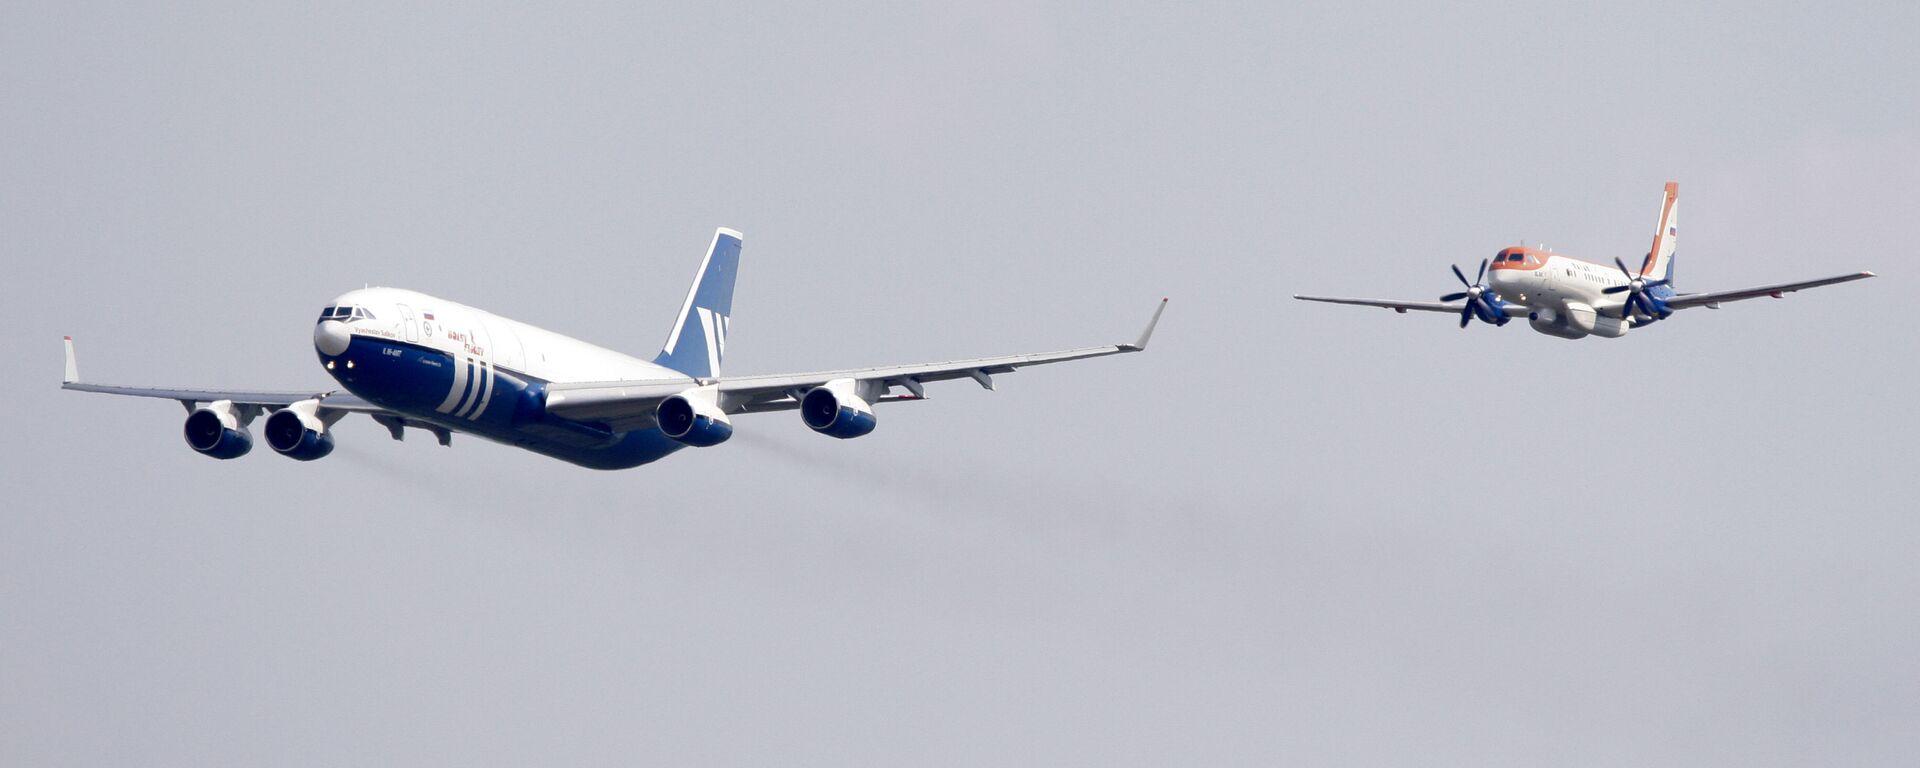 Самолеты Ил-96-400Т и Ил-114 - Sputnik Արմենիա, 1920, 27.07.2021